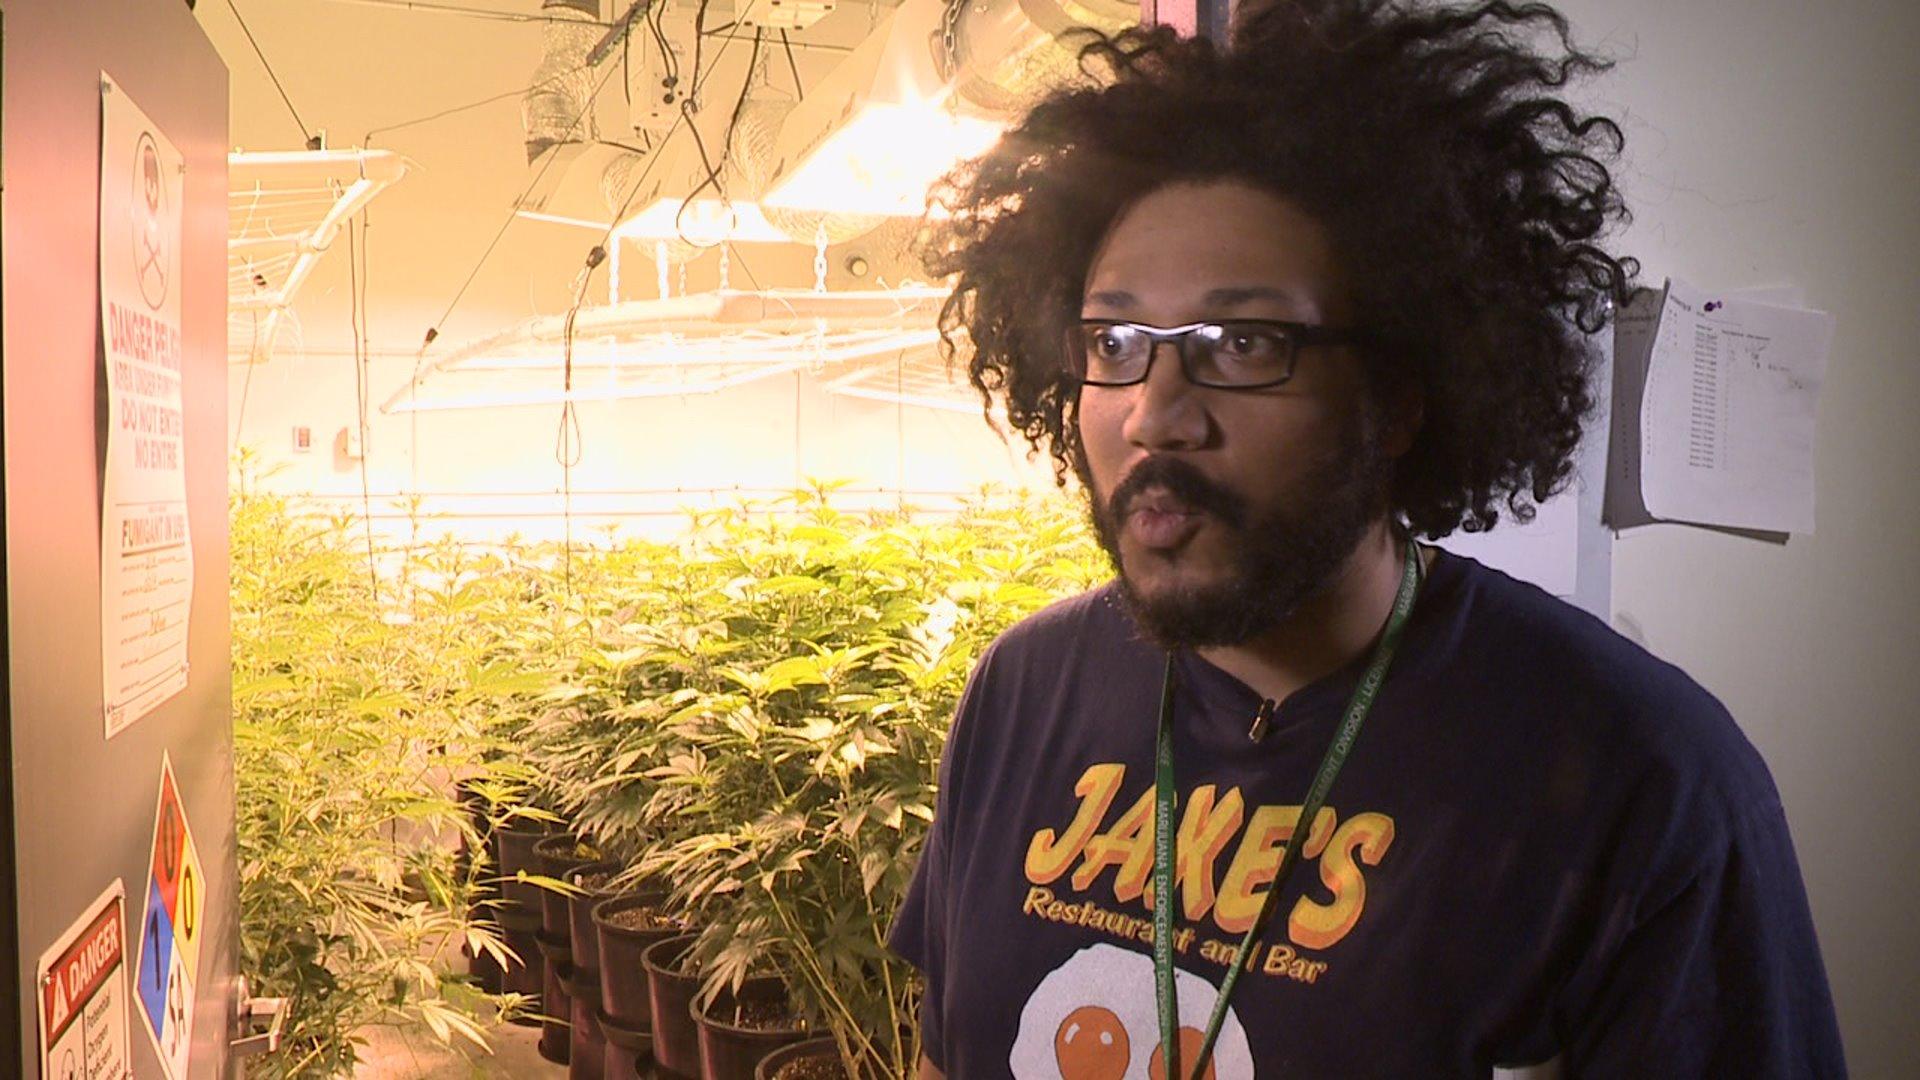 Elias Tempton grows marijuana